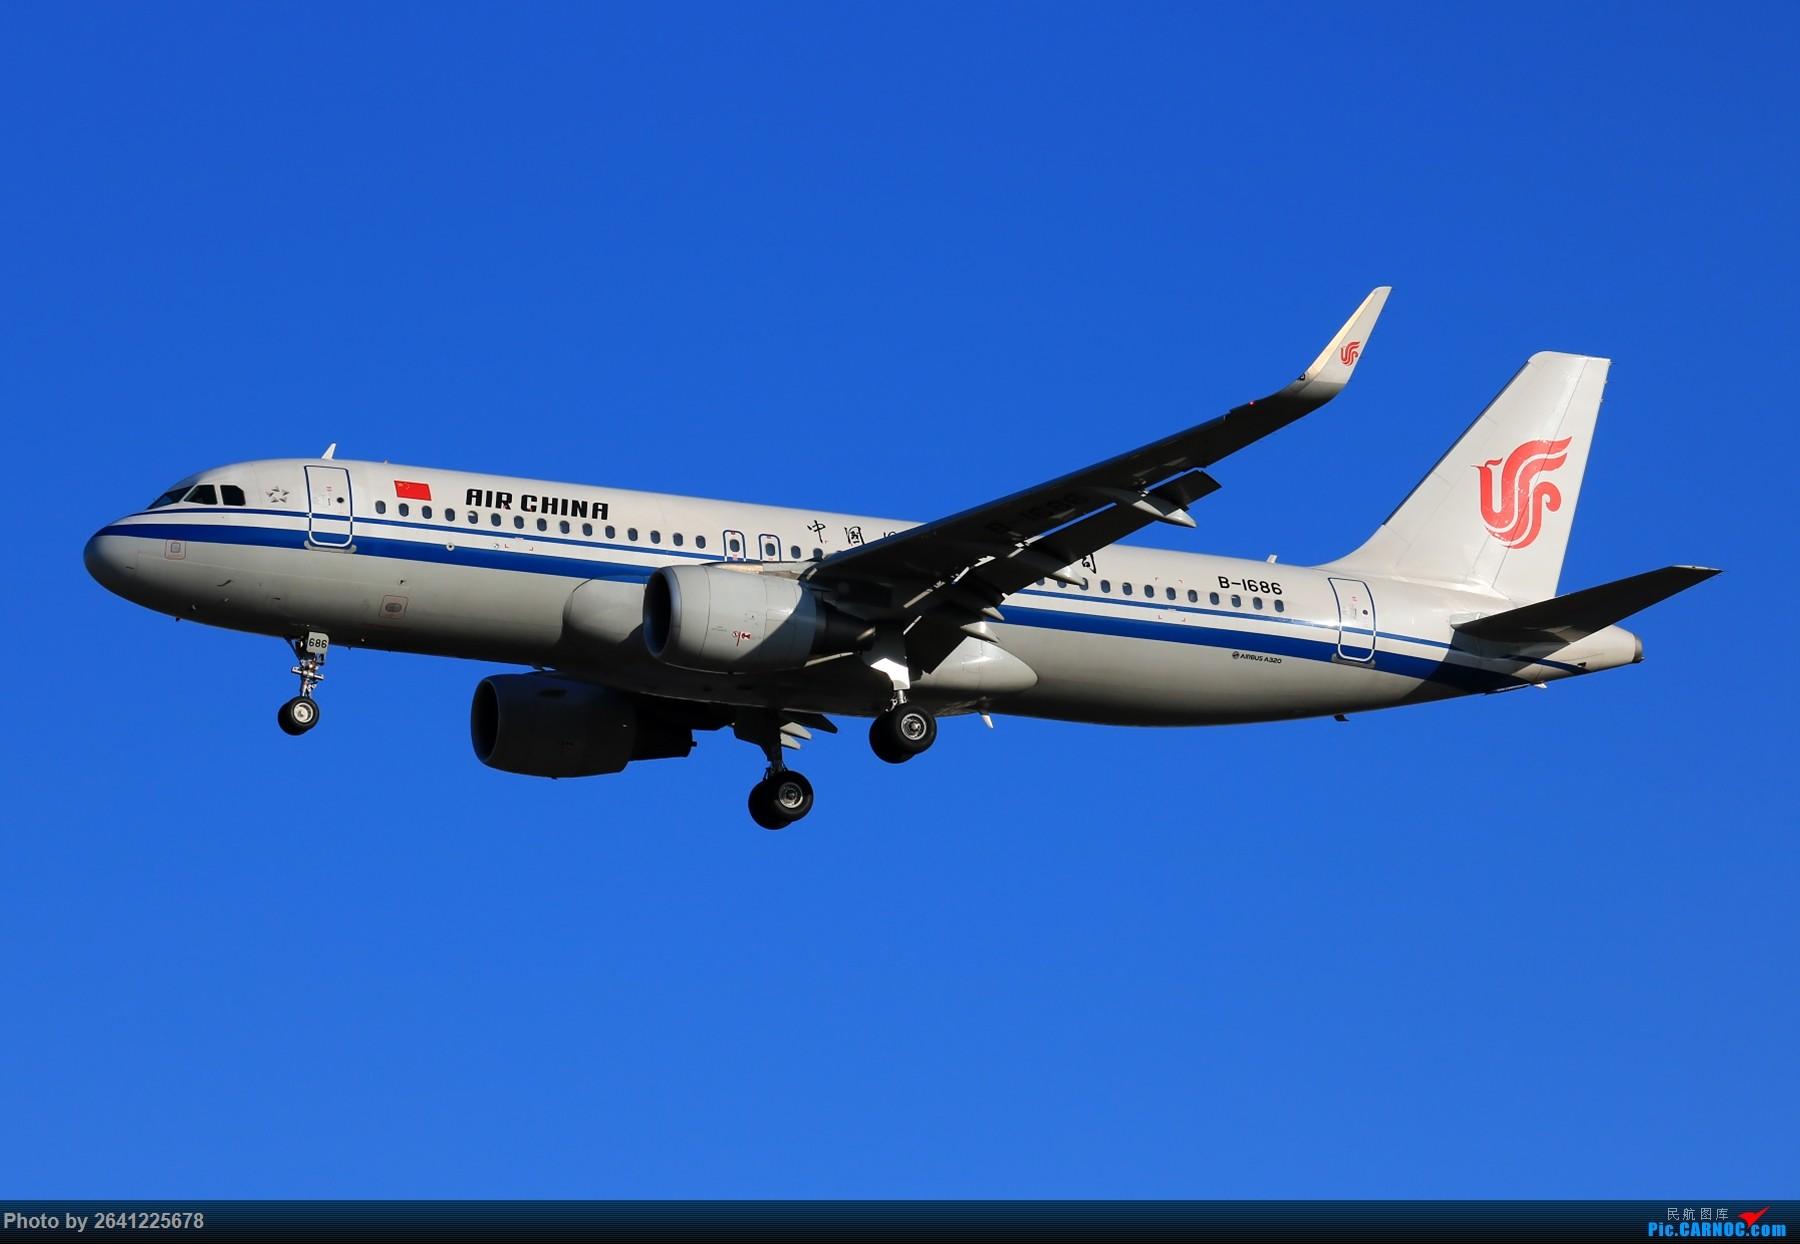 Re:[原创]【PEK】六七级北风吹走了雾霾,吹不走拍机的热情!1800*1200/1920*1280一组 图片略多,慢慢发 AIRBUS A320-200 B-1686 中国北京首都国际机场